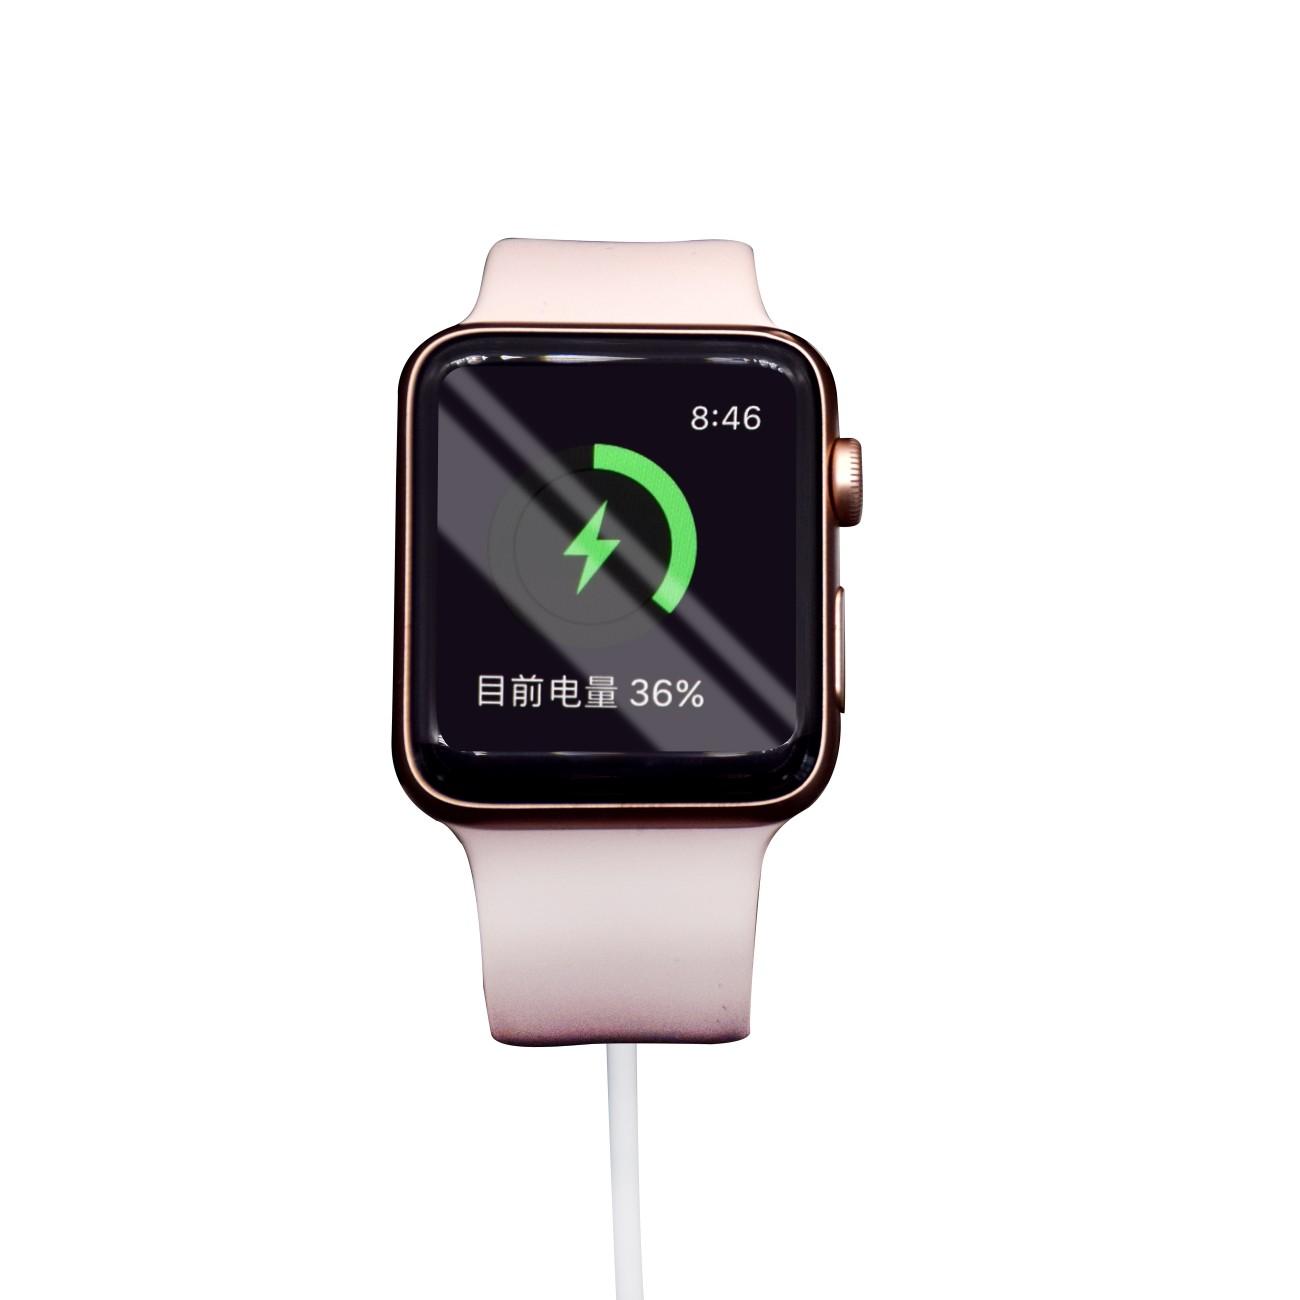 Dây sạc không dây cho Apple Watch - Hàng nhập khẩu chính hãng Macverin